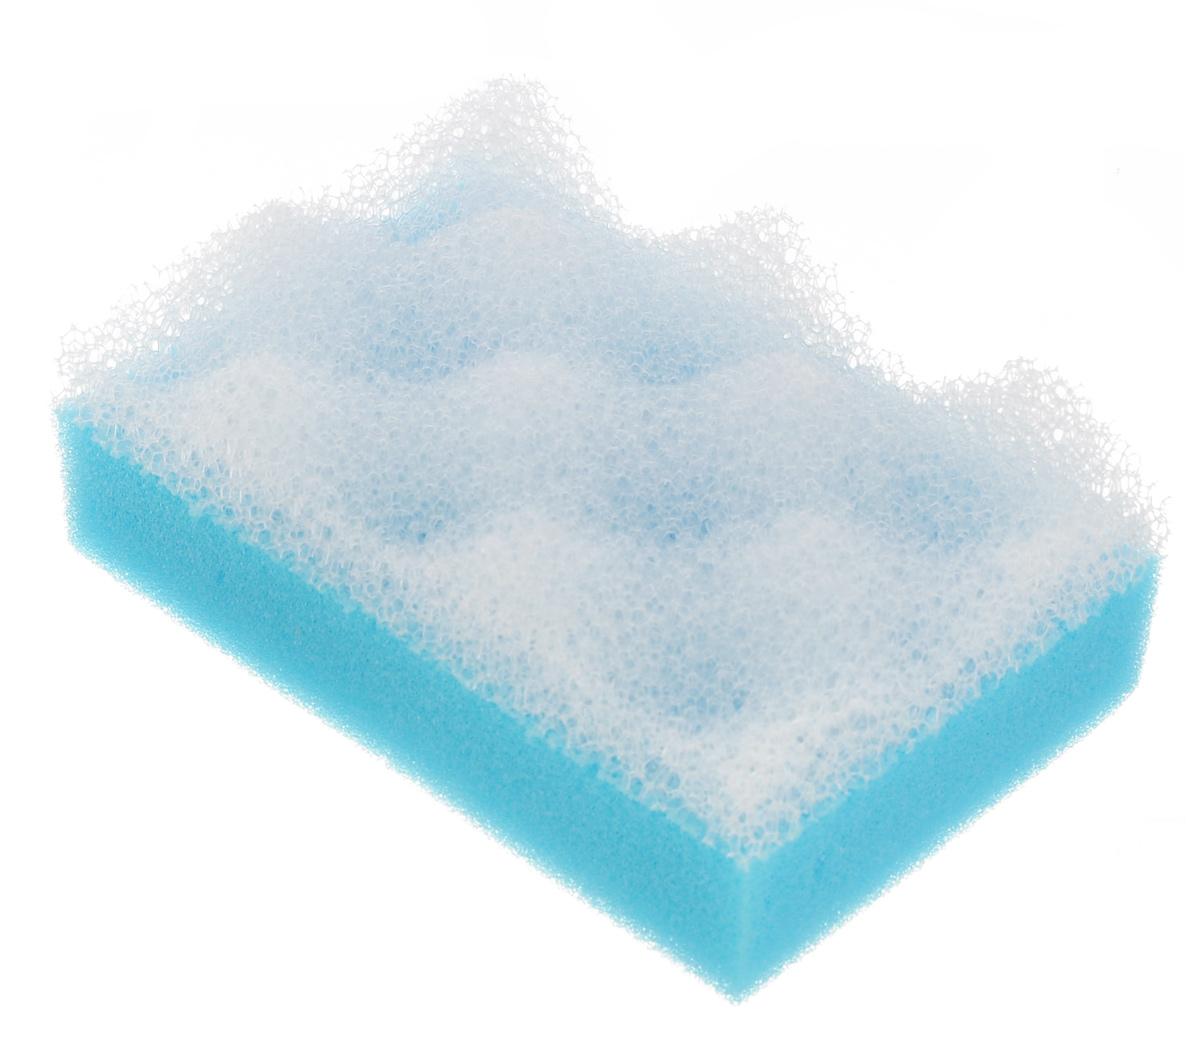 Губка для тела Eva, с массажным слоем, цвет: голубой5010777139655Поролоновая двухслойная губка для тела Eva изготовлена из пенополиуретана и оснащена массажным слоем.Губку можно использовать в ванной, в бане или сауне. Она улучшает циркуляцию крови и обмен веществ, делает кожу здоровой и красивой.Подходит для ежедневного применения.